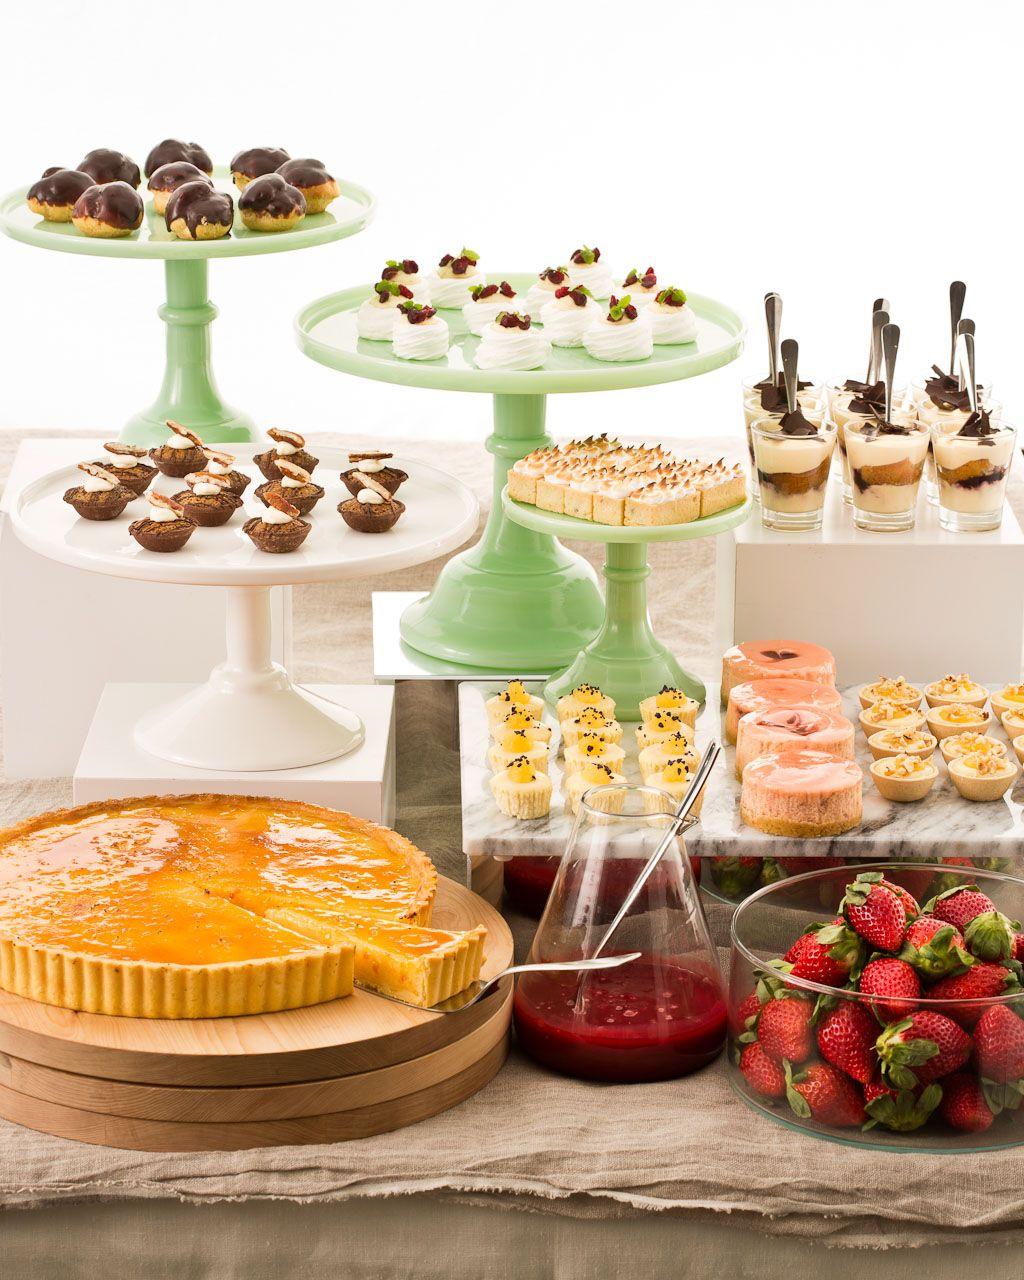 Wedding Corporate Catering Services Melbourne Peter Rowland Dessert Buffet Desert Buffet Desserts